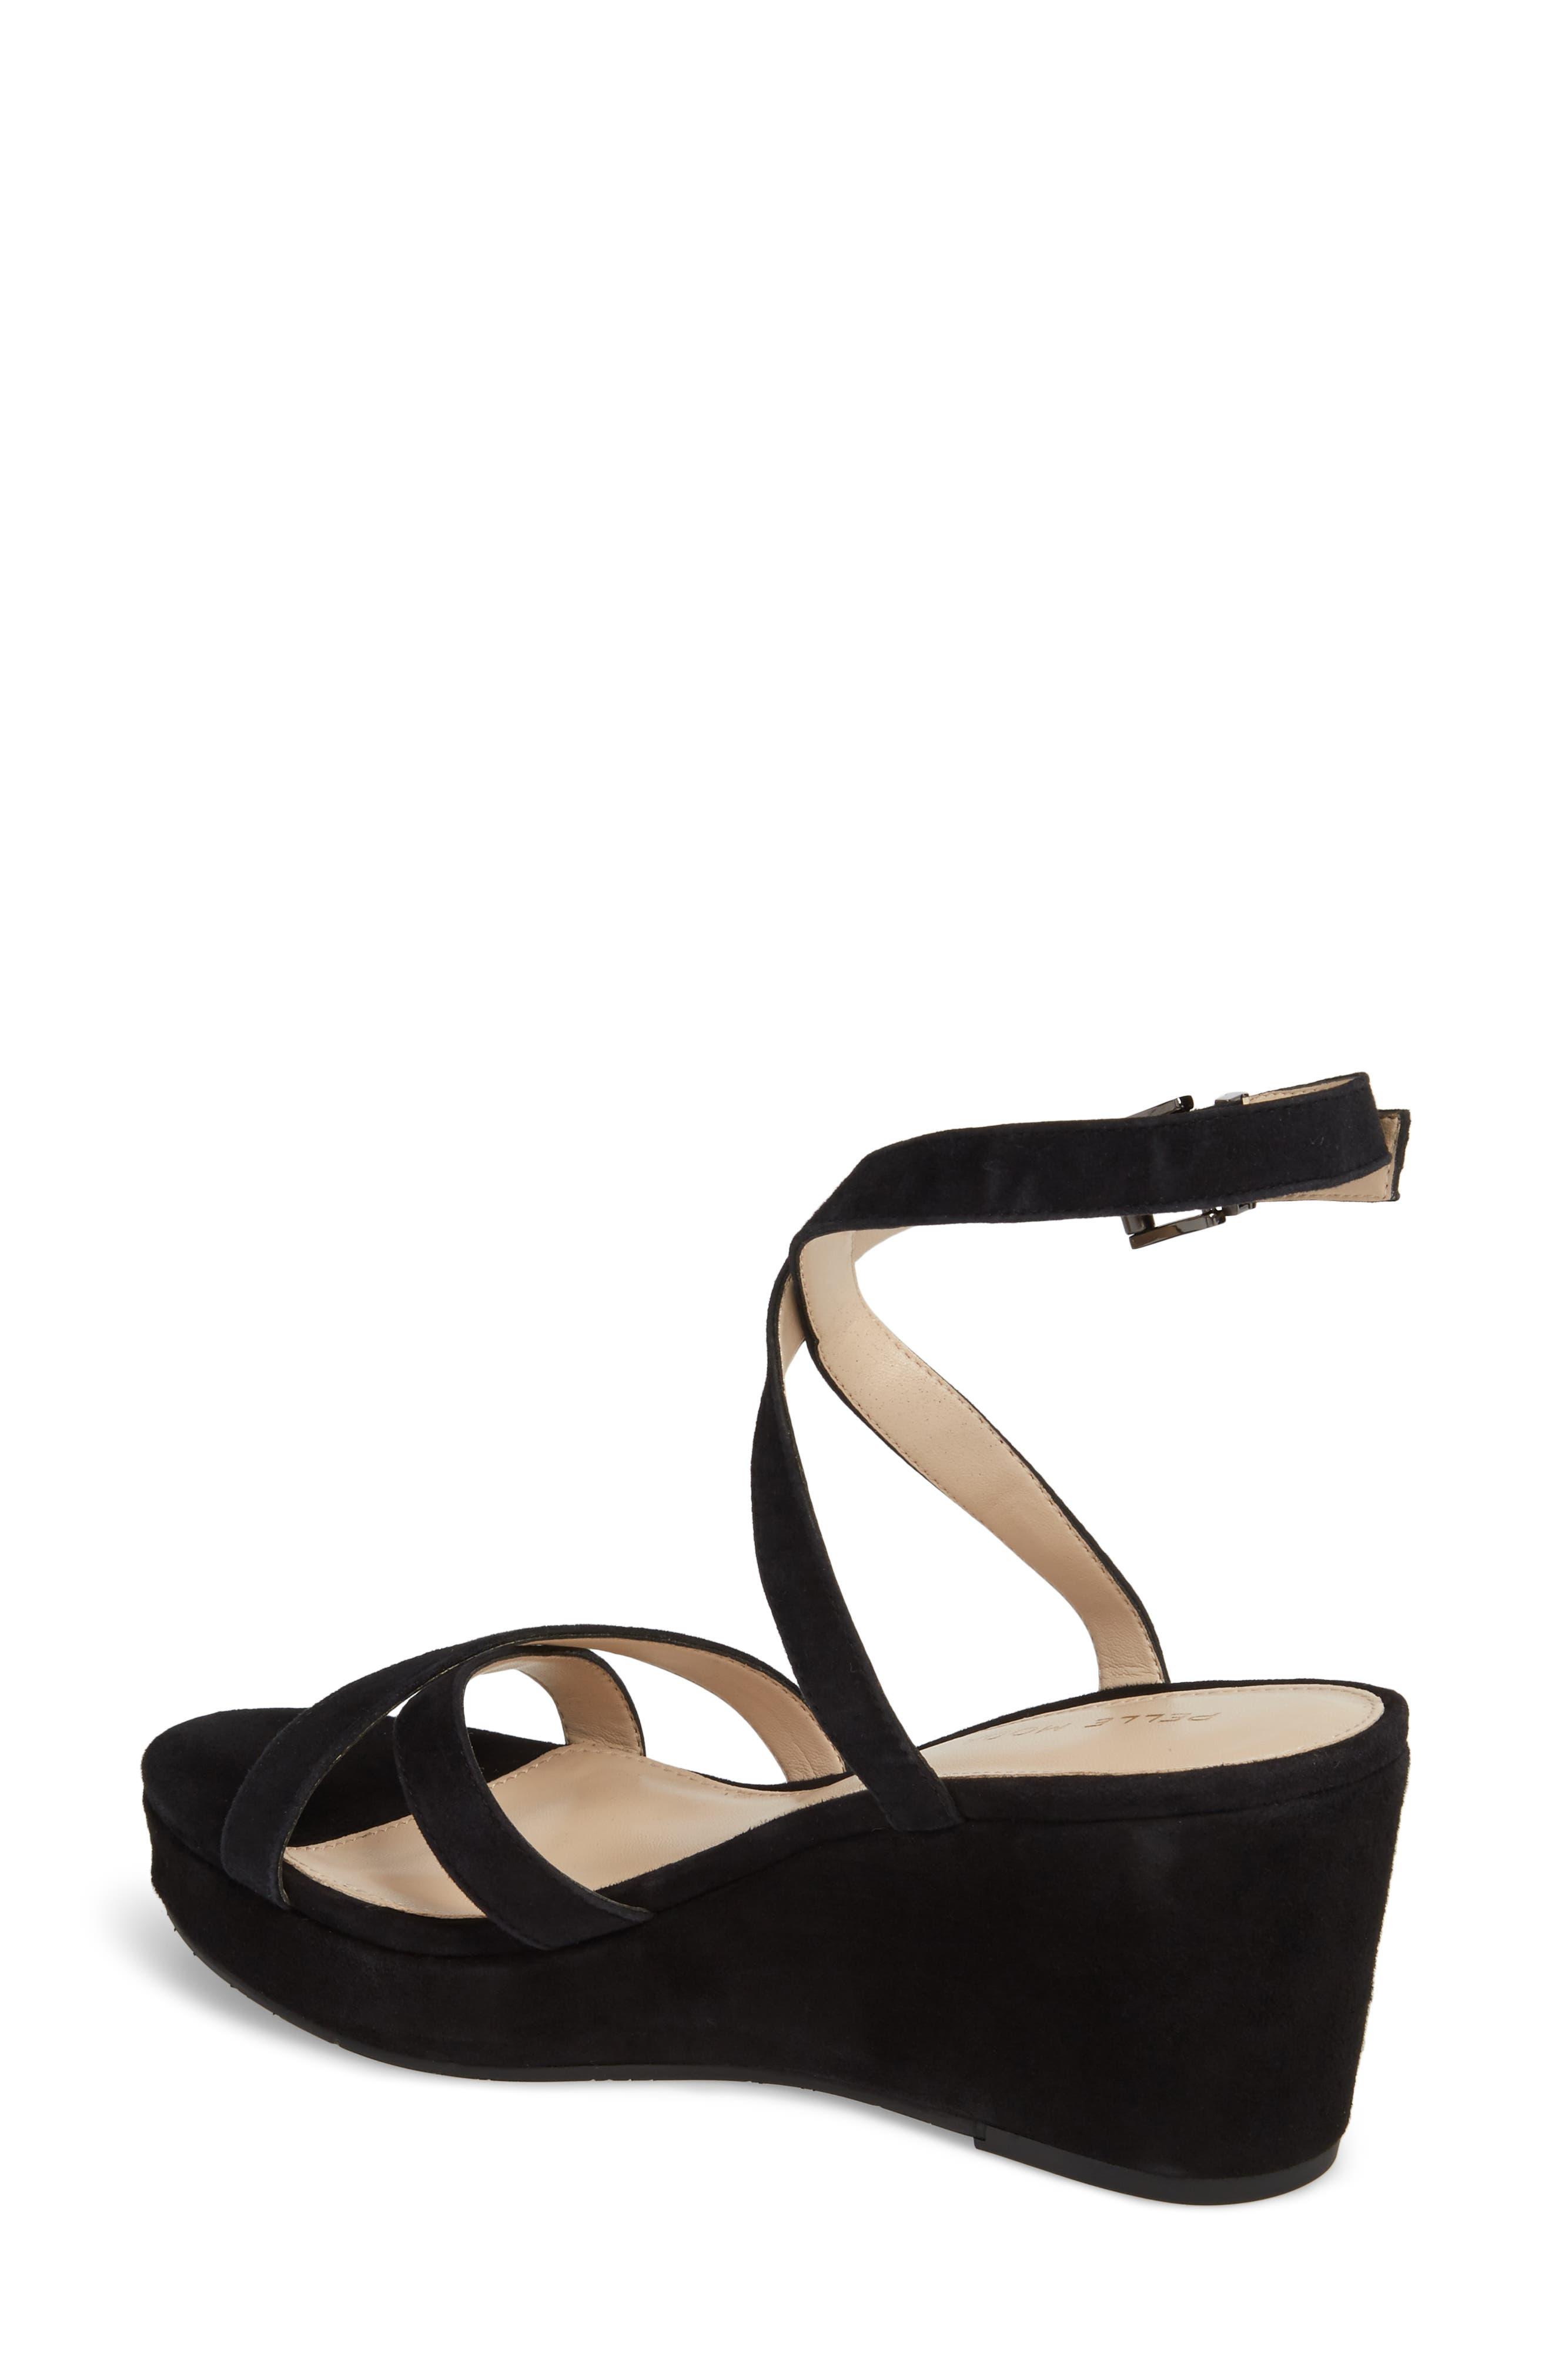 Keo2 Platform Wedge Sandal,                             Alternate thumbnail 2, color,                             BLACK SUEDE